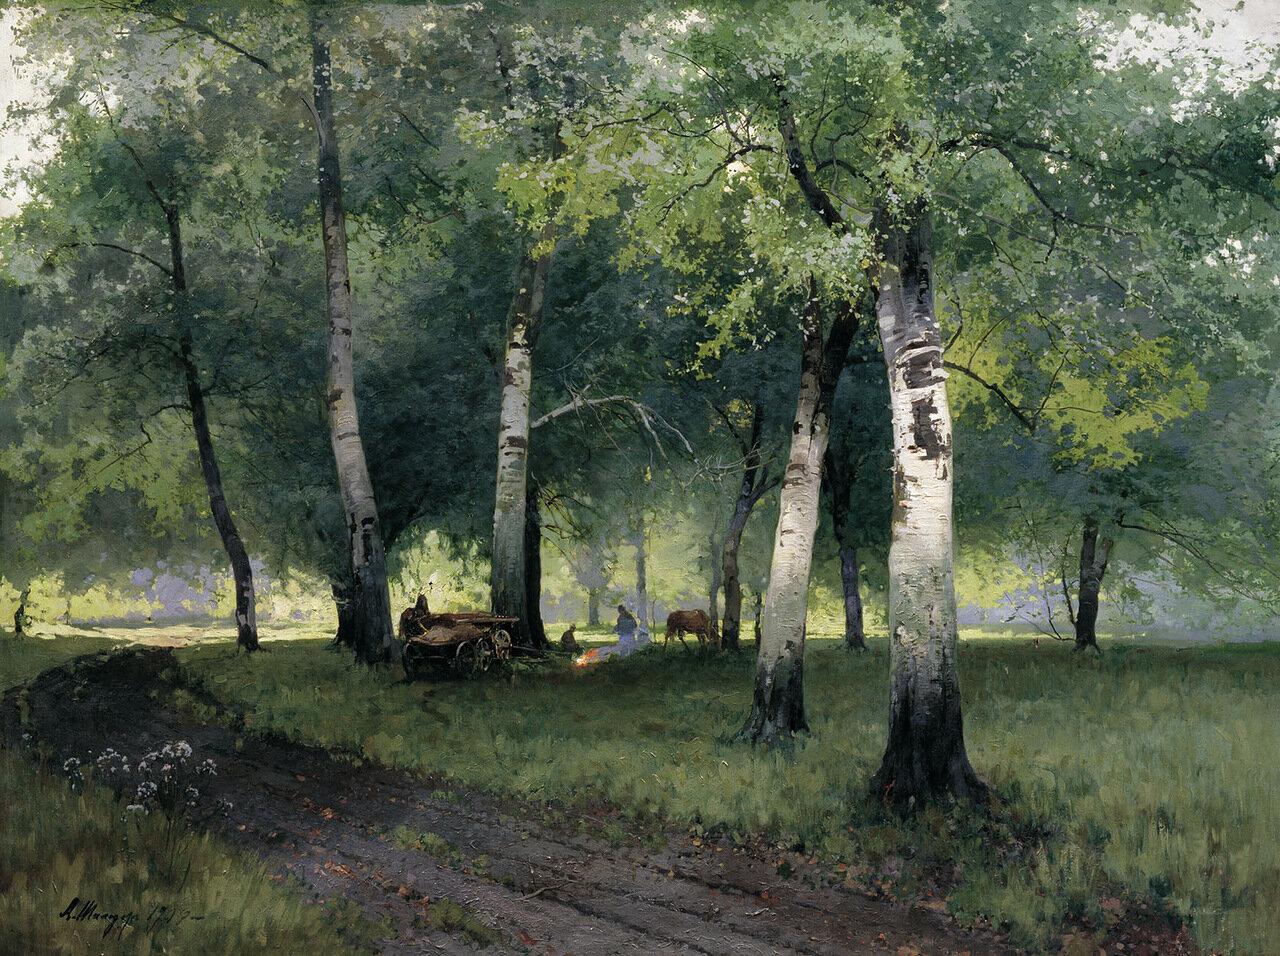 Березовый лес. 1908, холст, масло. 110х143 см.jpg